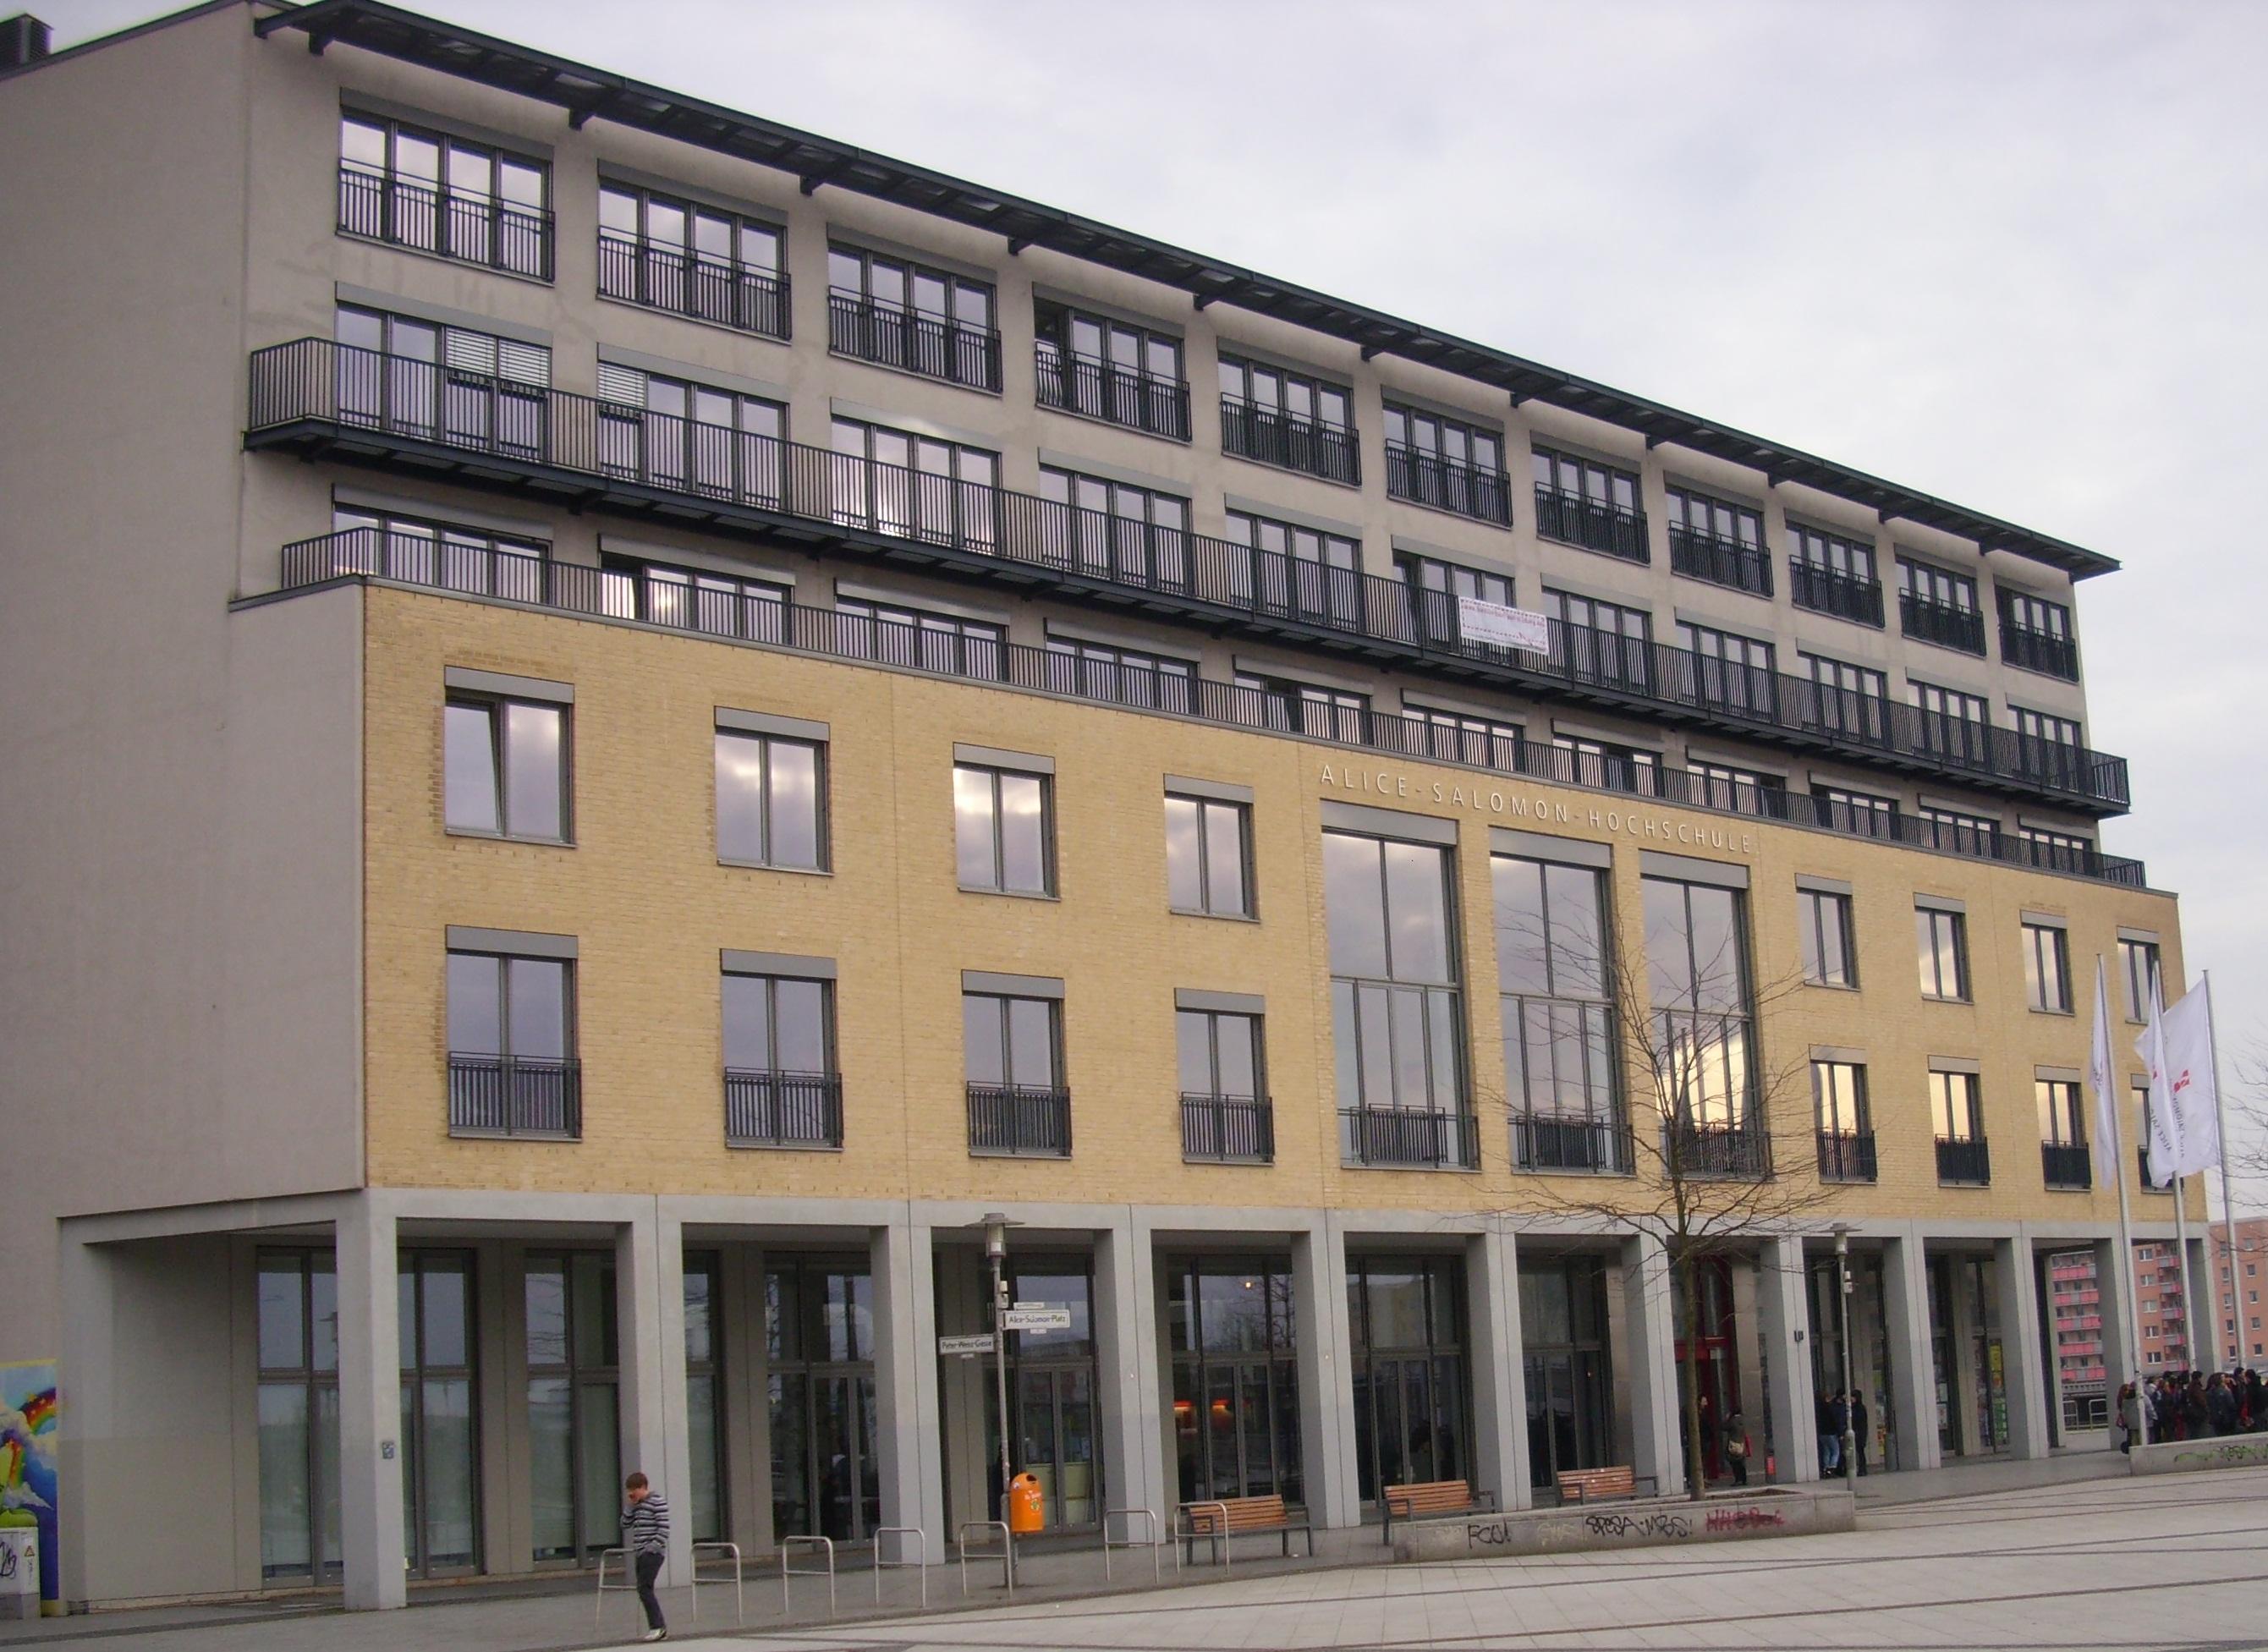 Kauf authentisch authentisch verschiedenes Design File:Alice Salomon Hochschule Berlin.JPG - Wikimedia Commons